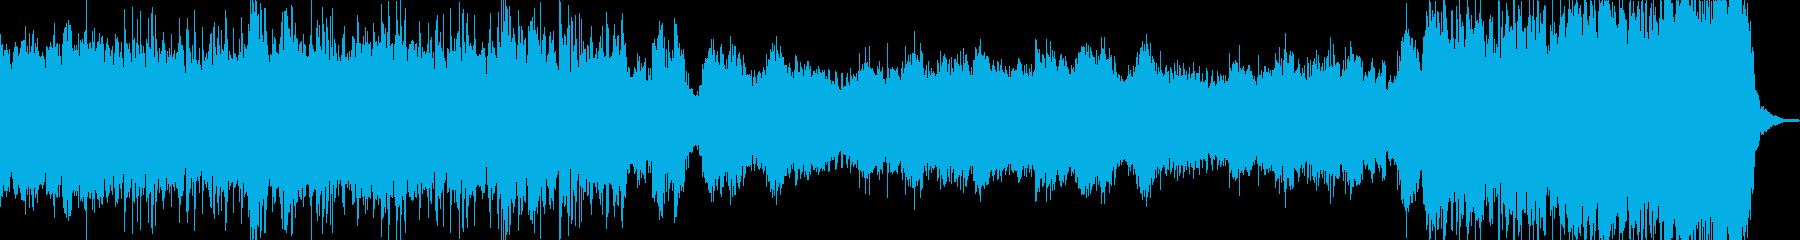 スペクタルホラー映画の壮大なイメージの再生済みの波形